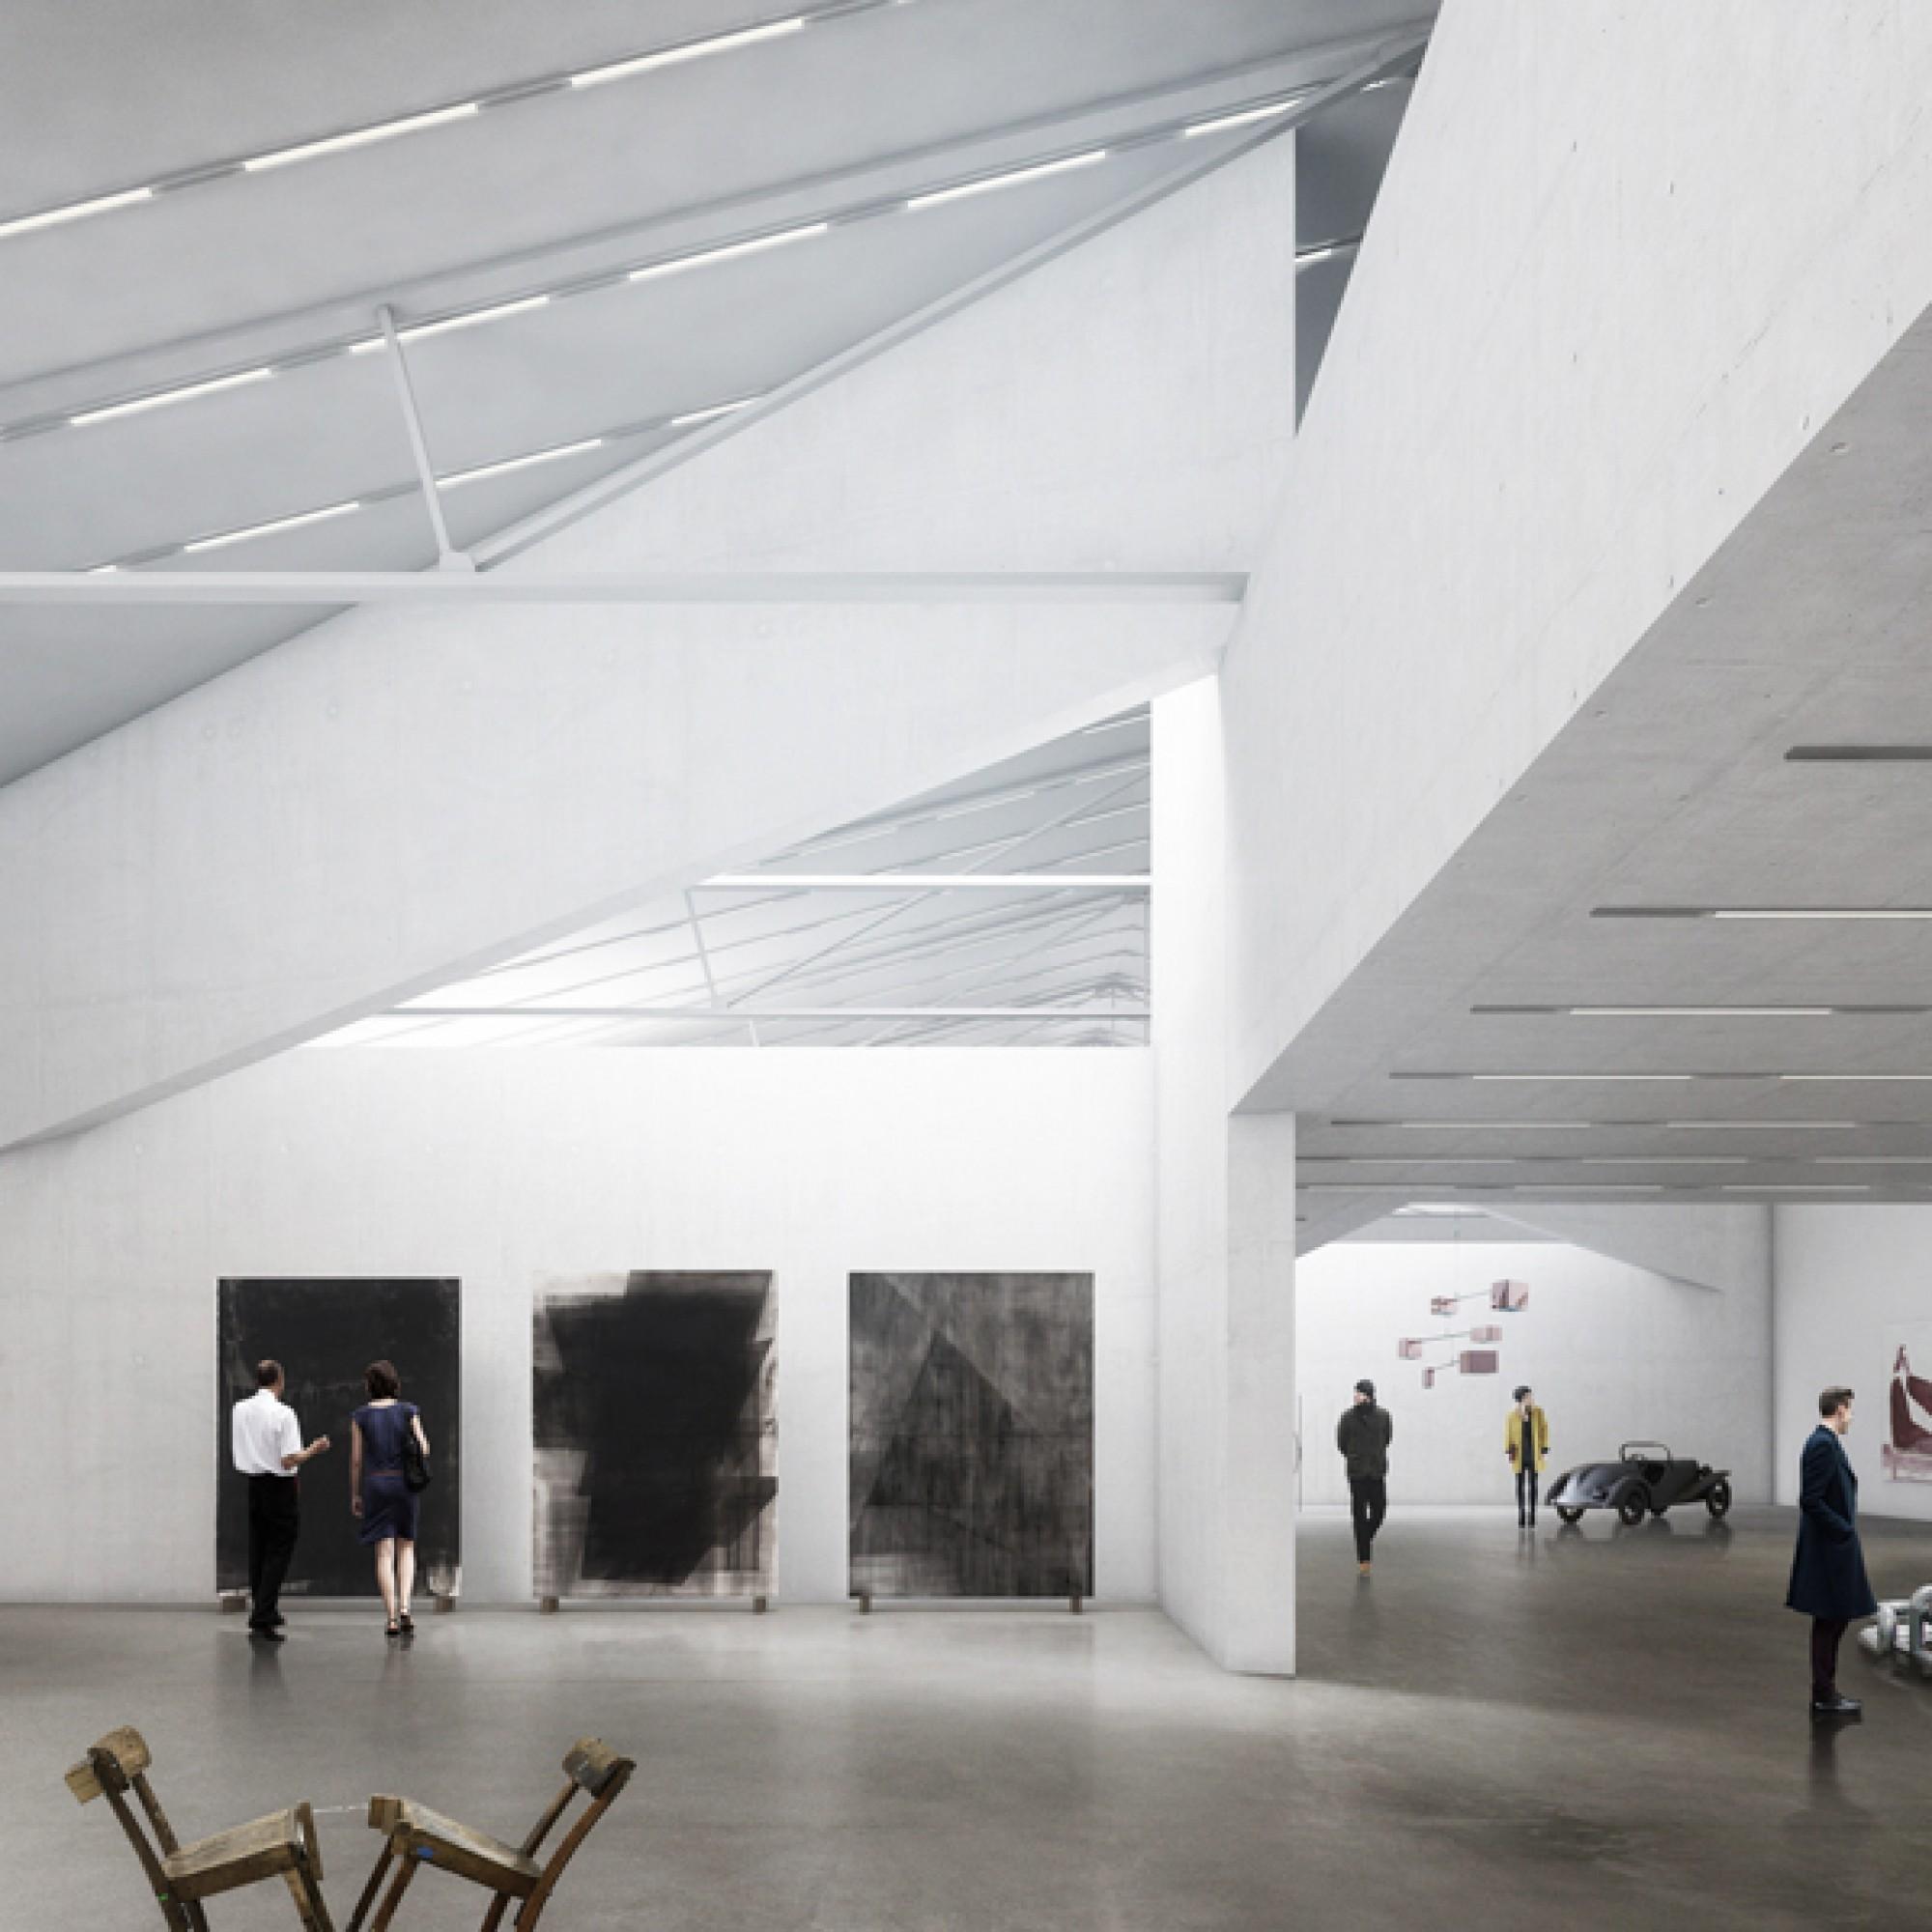 In den lichten Räumen soll zeitgenössische bildende  Kunst...   (Buchner Bründler Architekten / zvg)